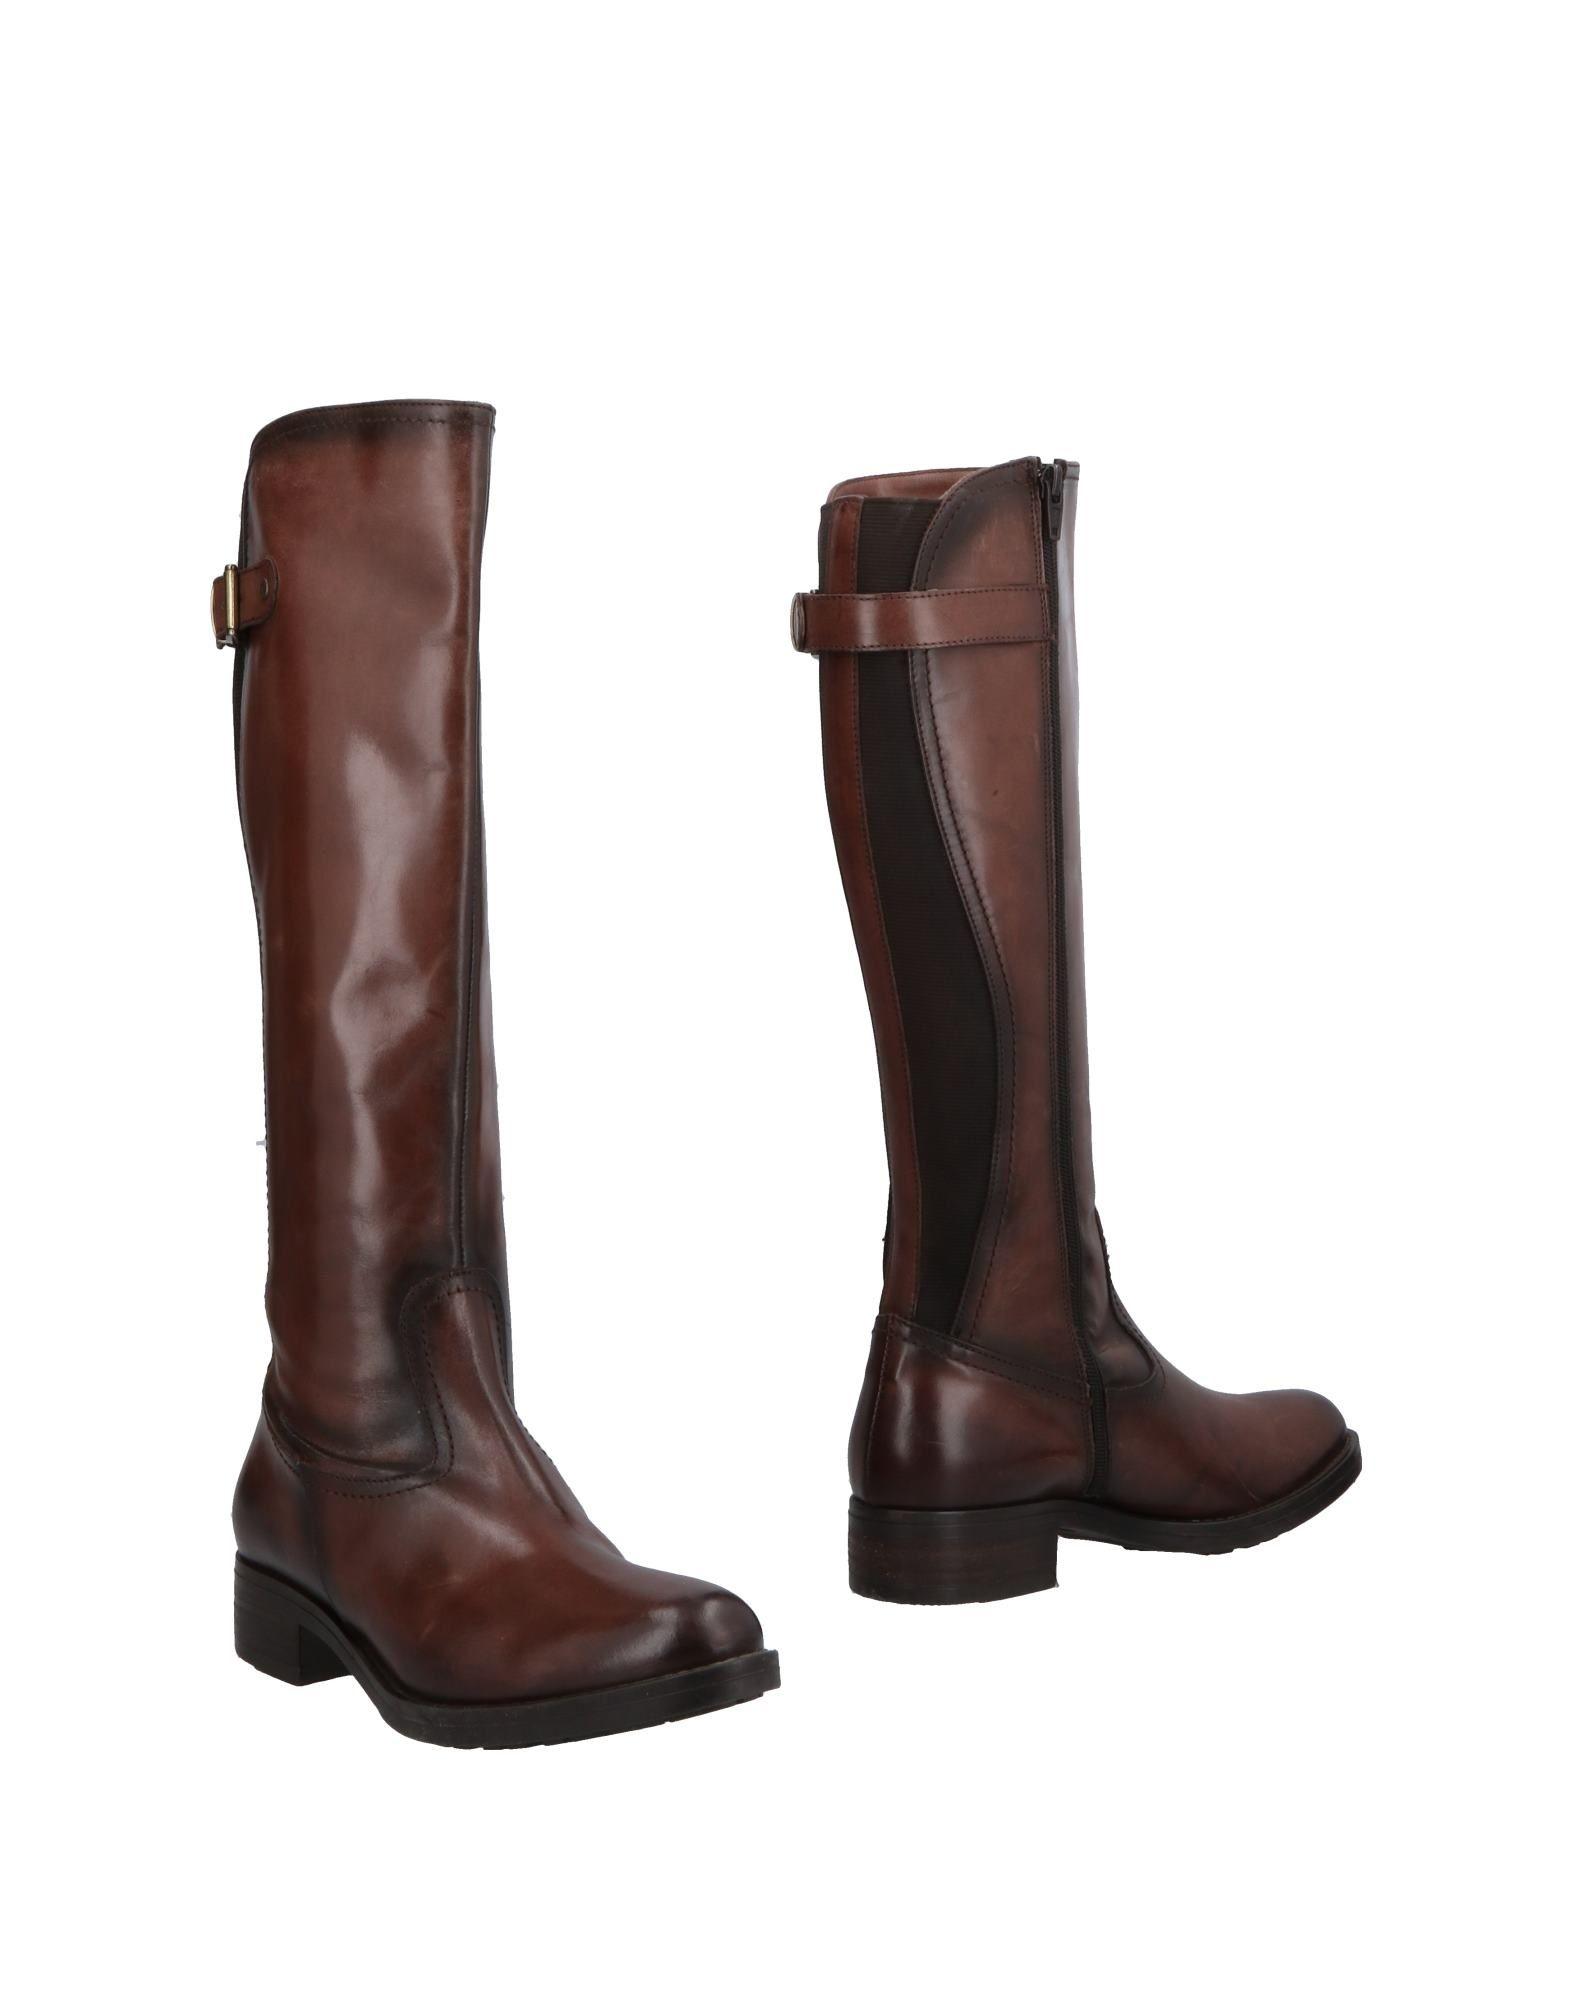 Donna Più Stiefel Damen  11507982AT Gute Qualität beliebte Schuhe